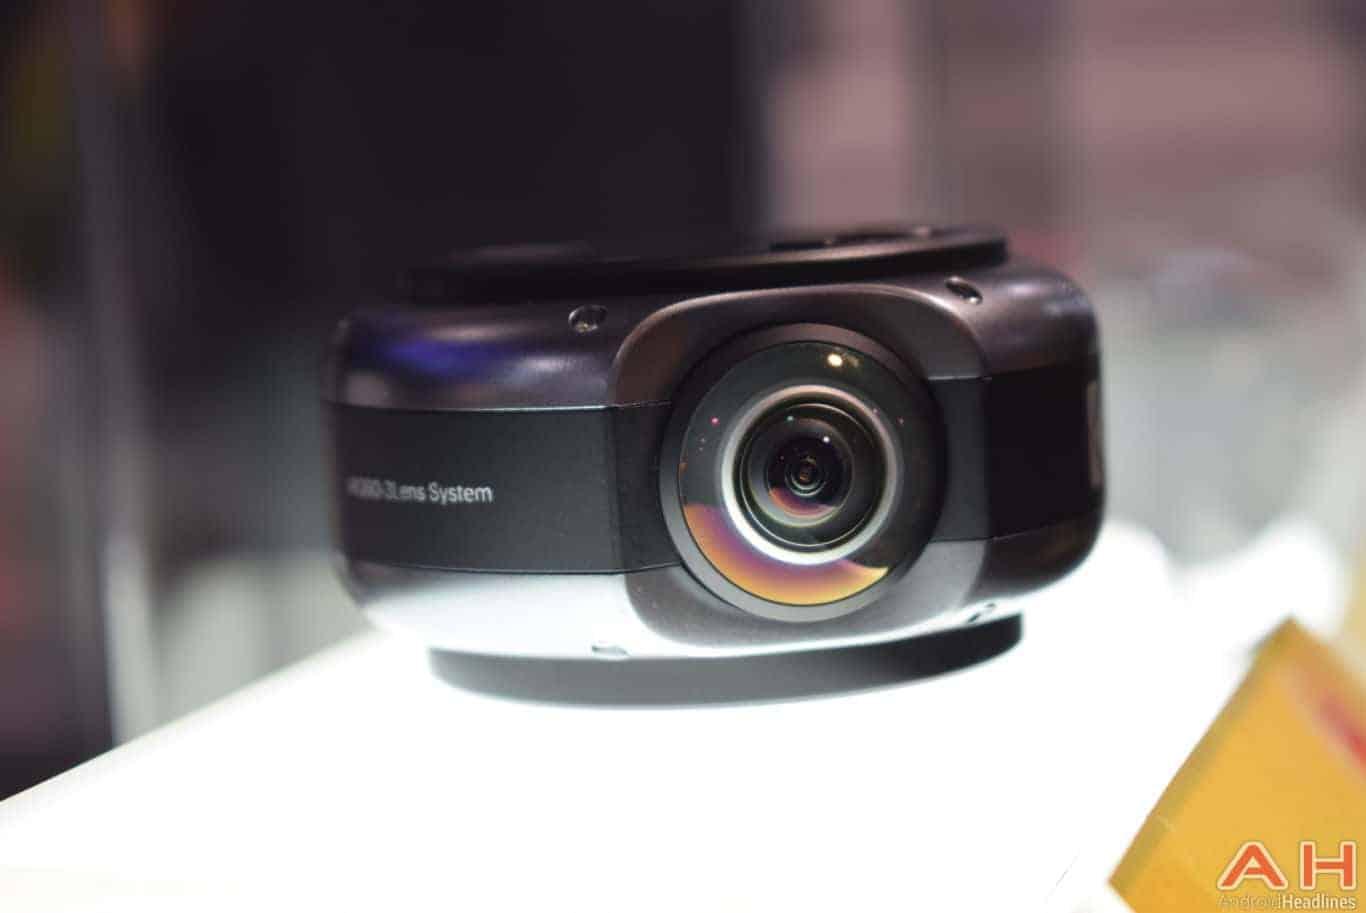 Kodak PIXPRO 360 Pro VR Camera CES 2018 AH 3